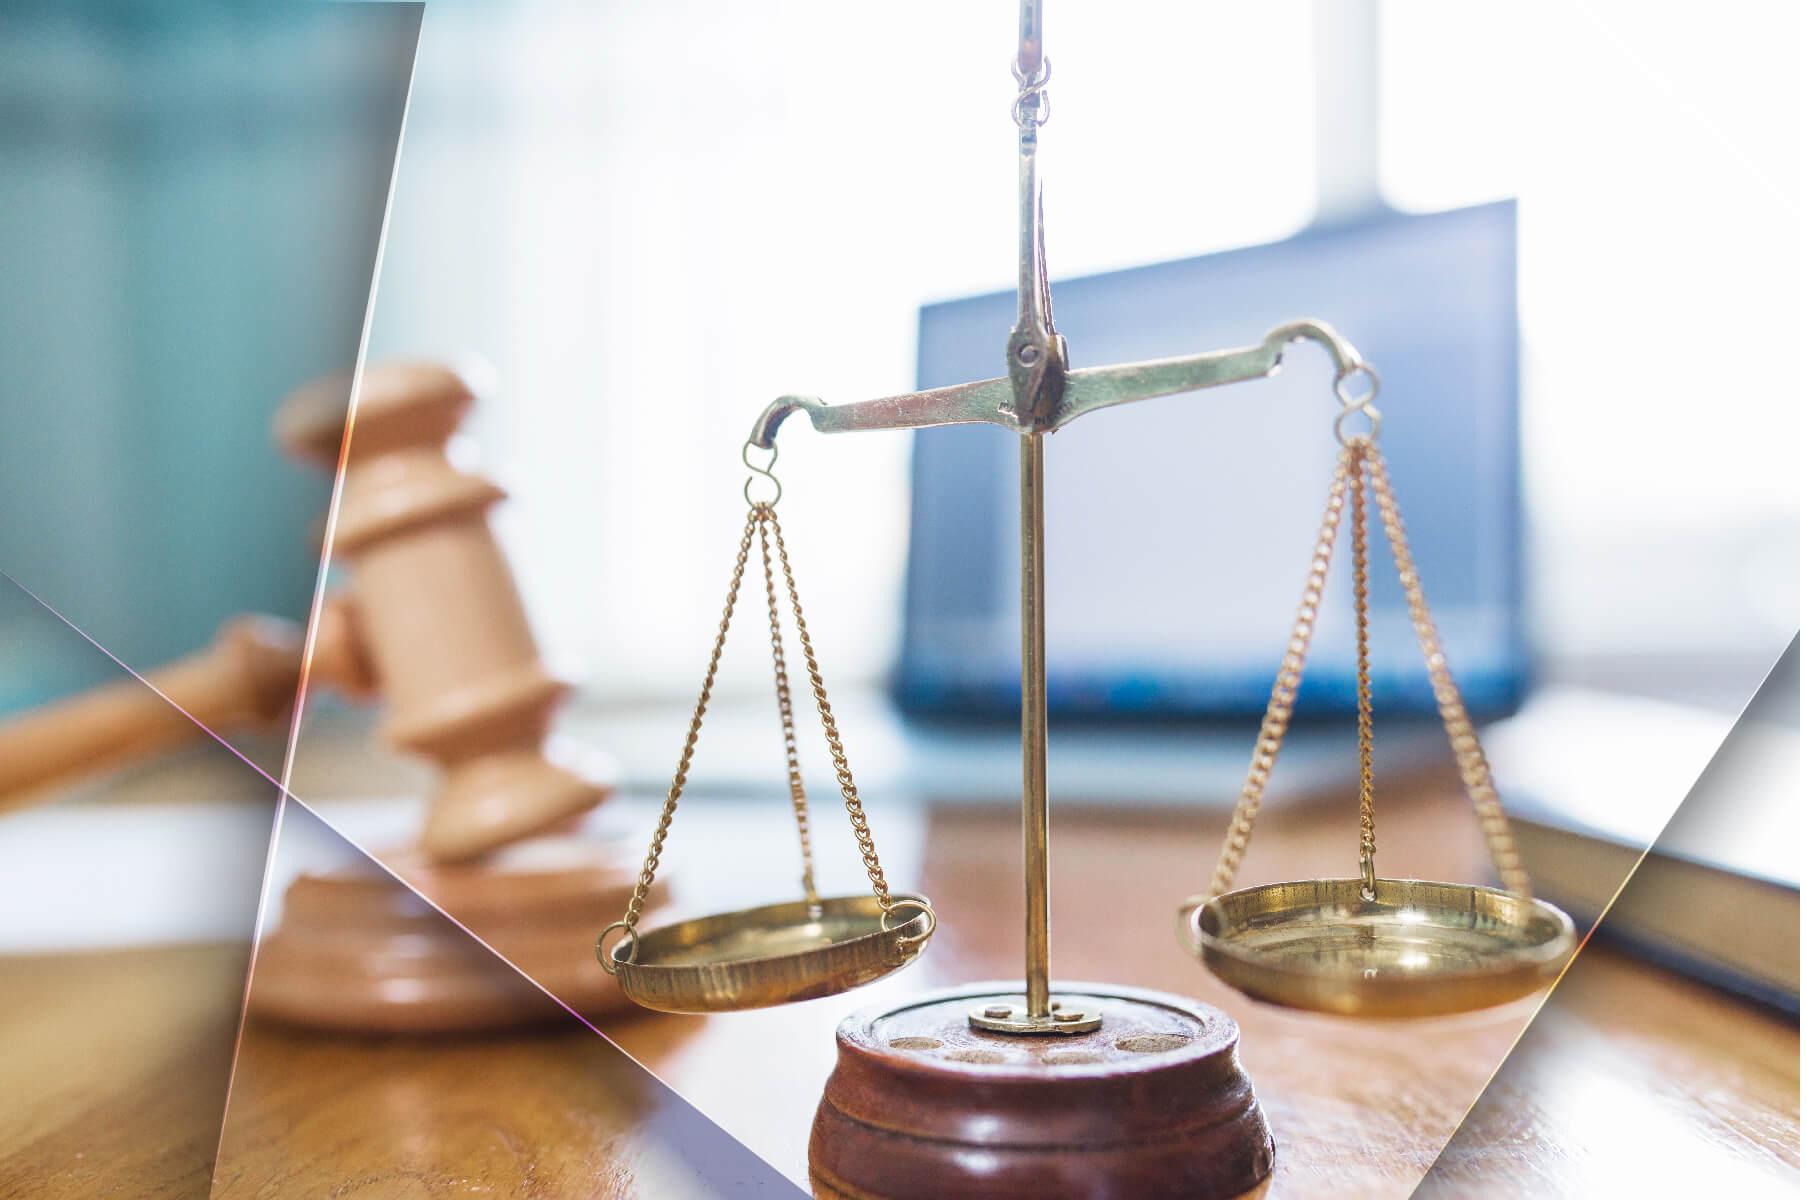 حقوق مالکیت صنعتی